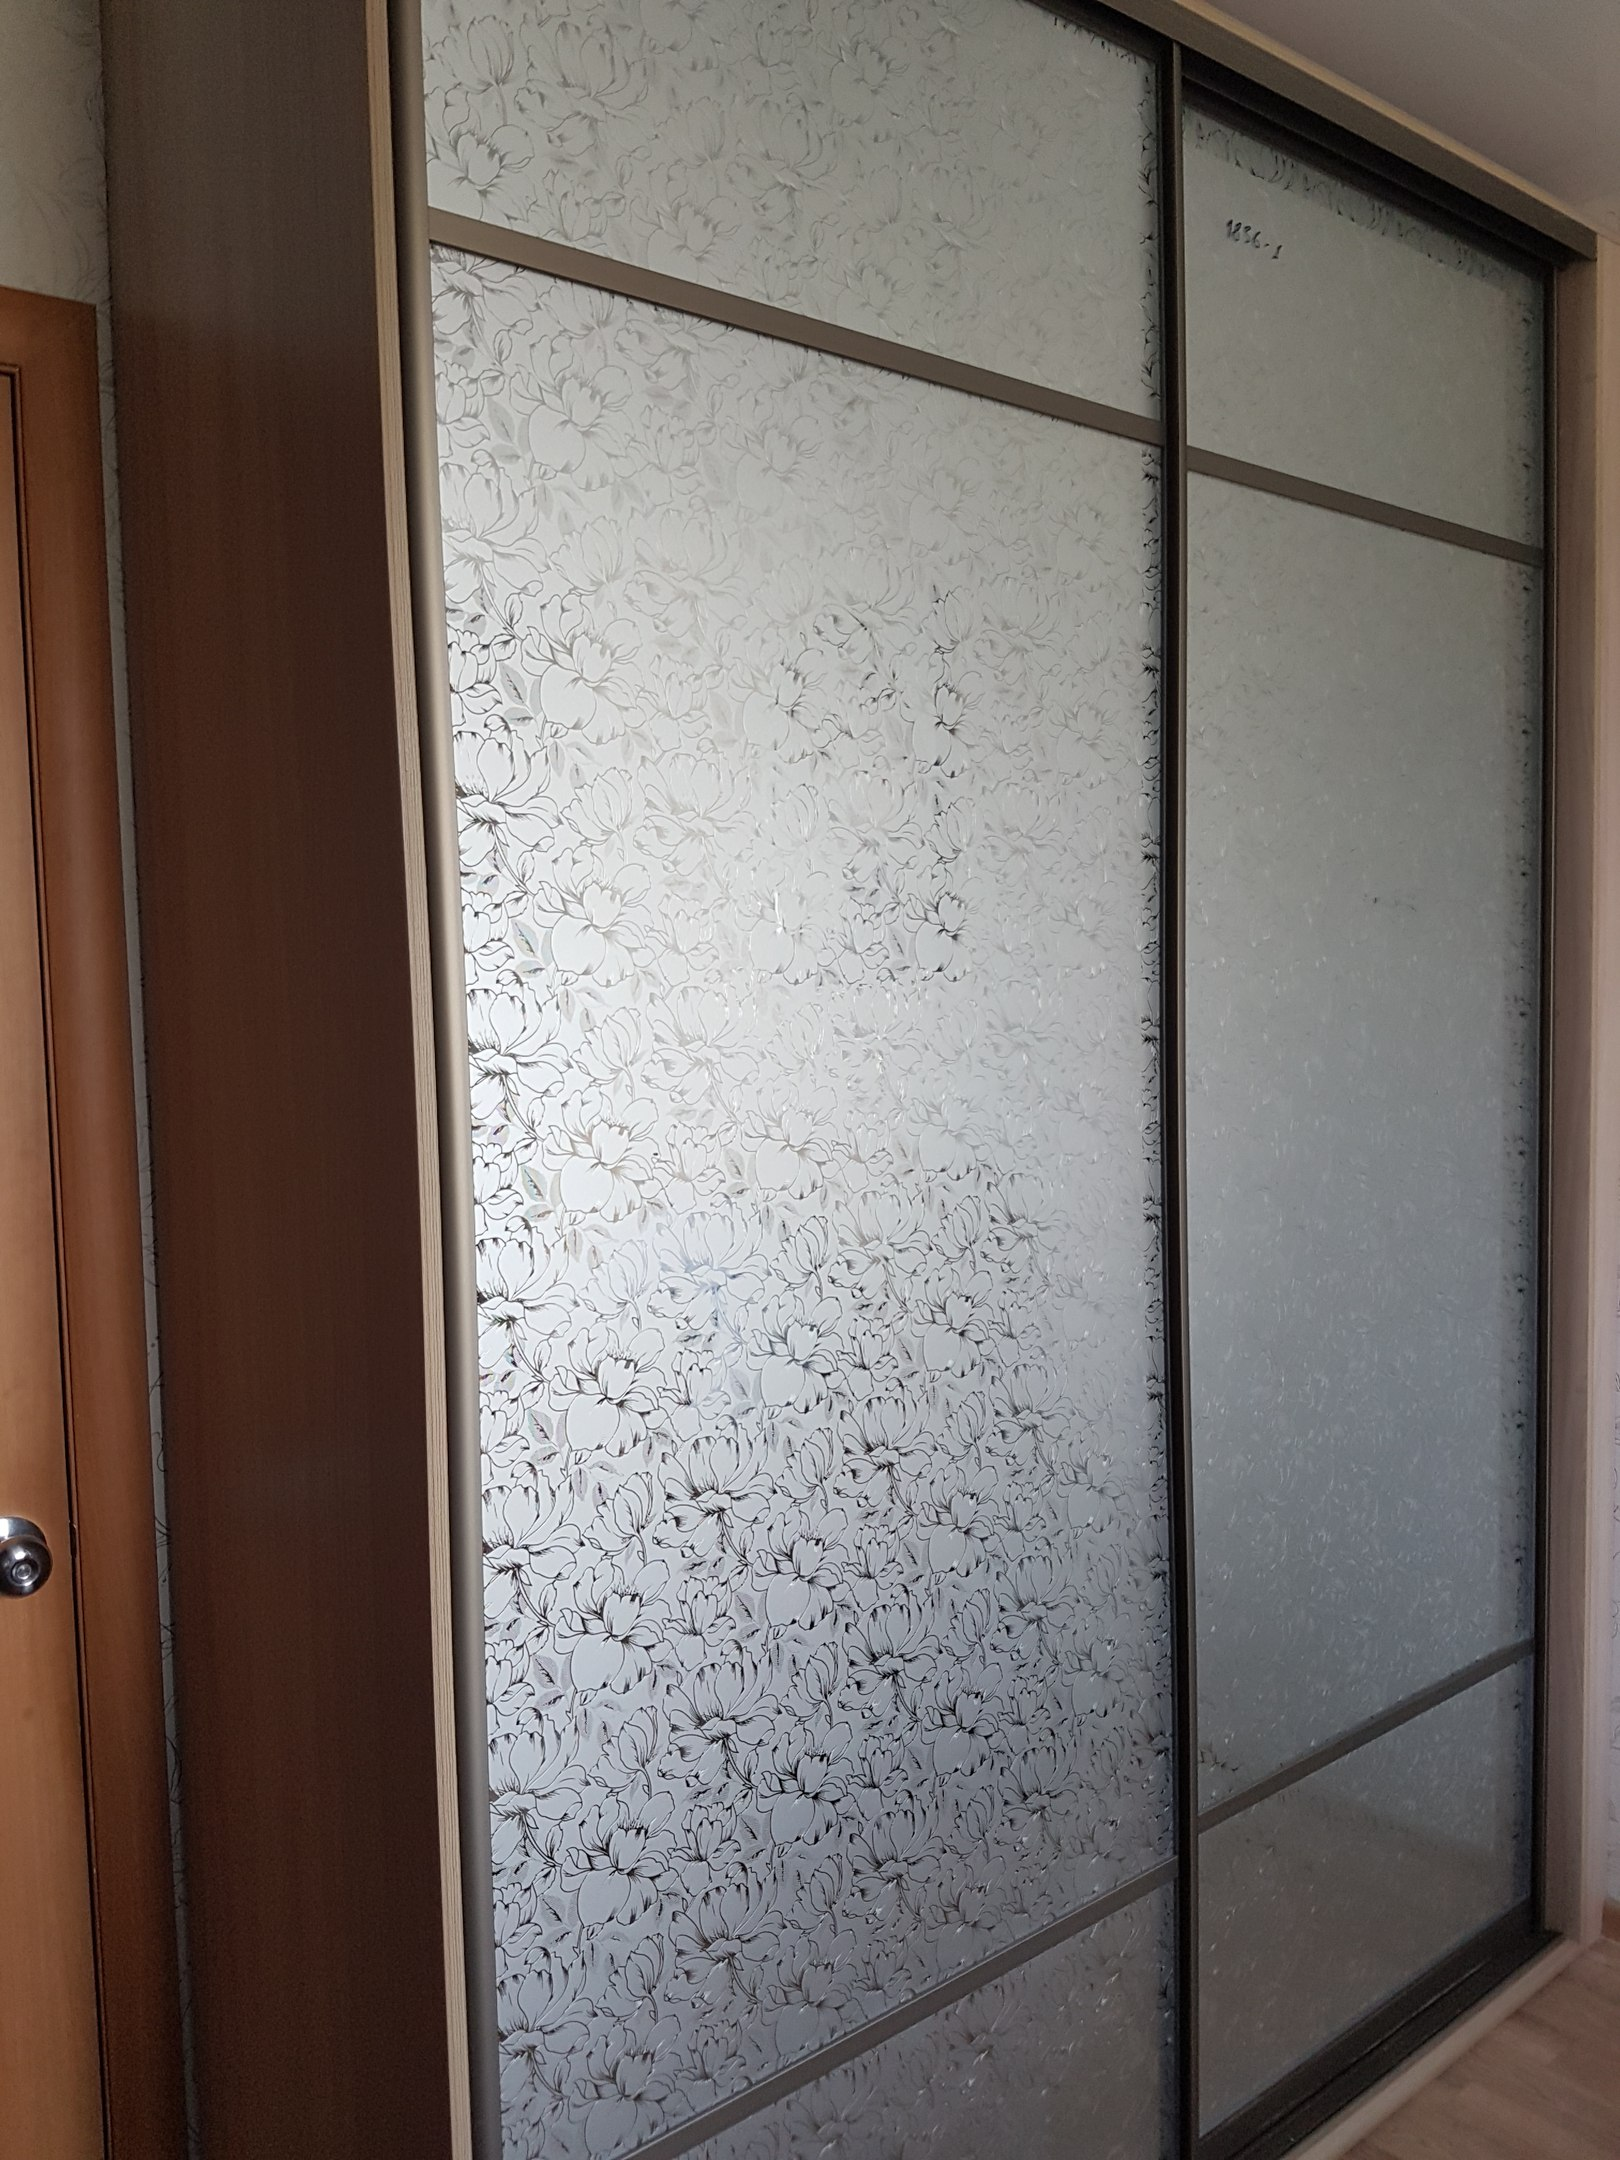 Шкафы-купе с узором на стекле при помощи химического травления